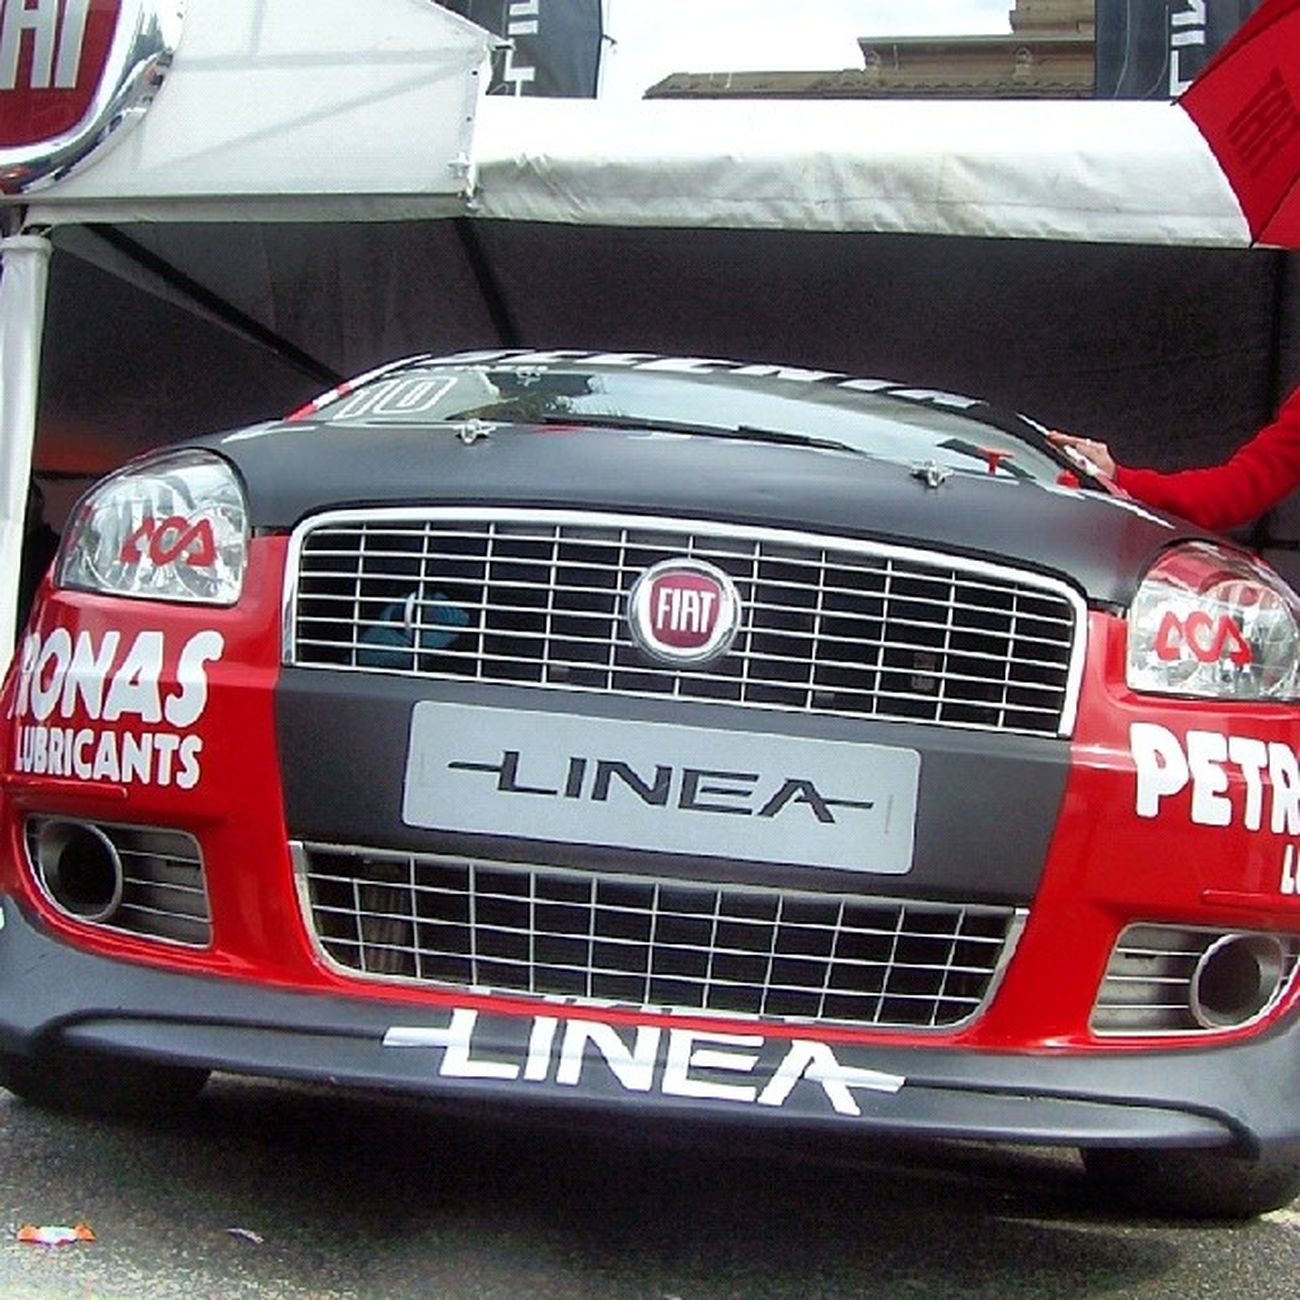 ACTC TC2000 SuperTC2000 FiatCompetizione FiatLinea Motorsports